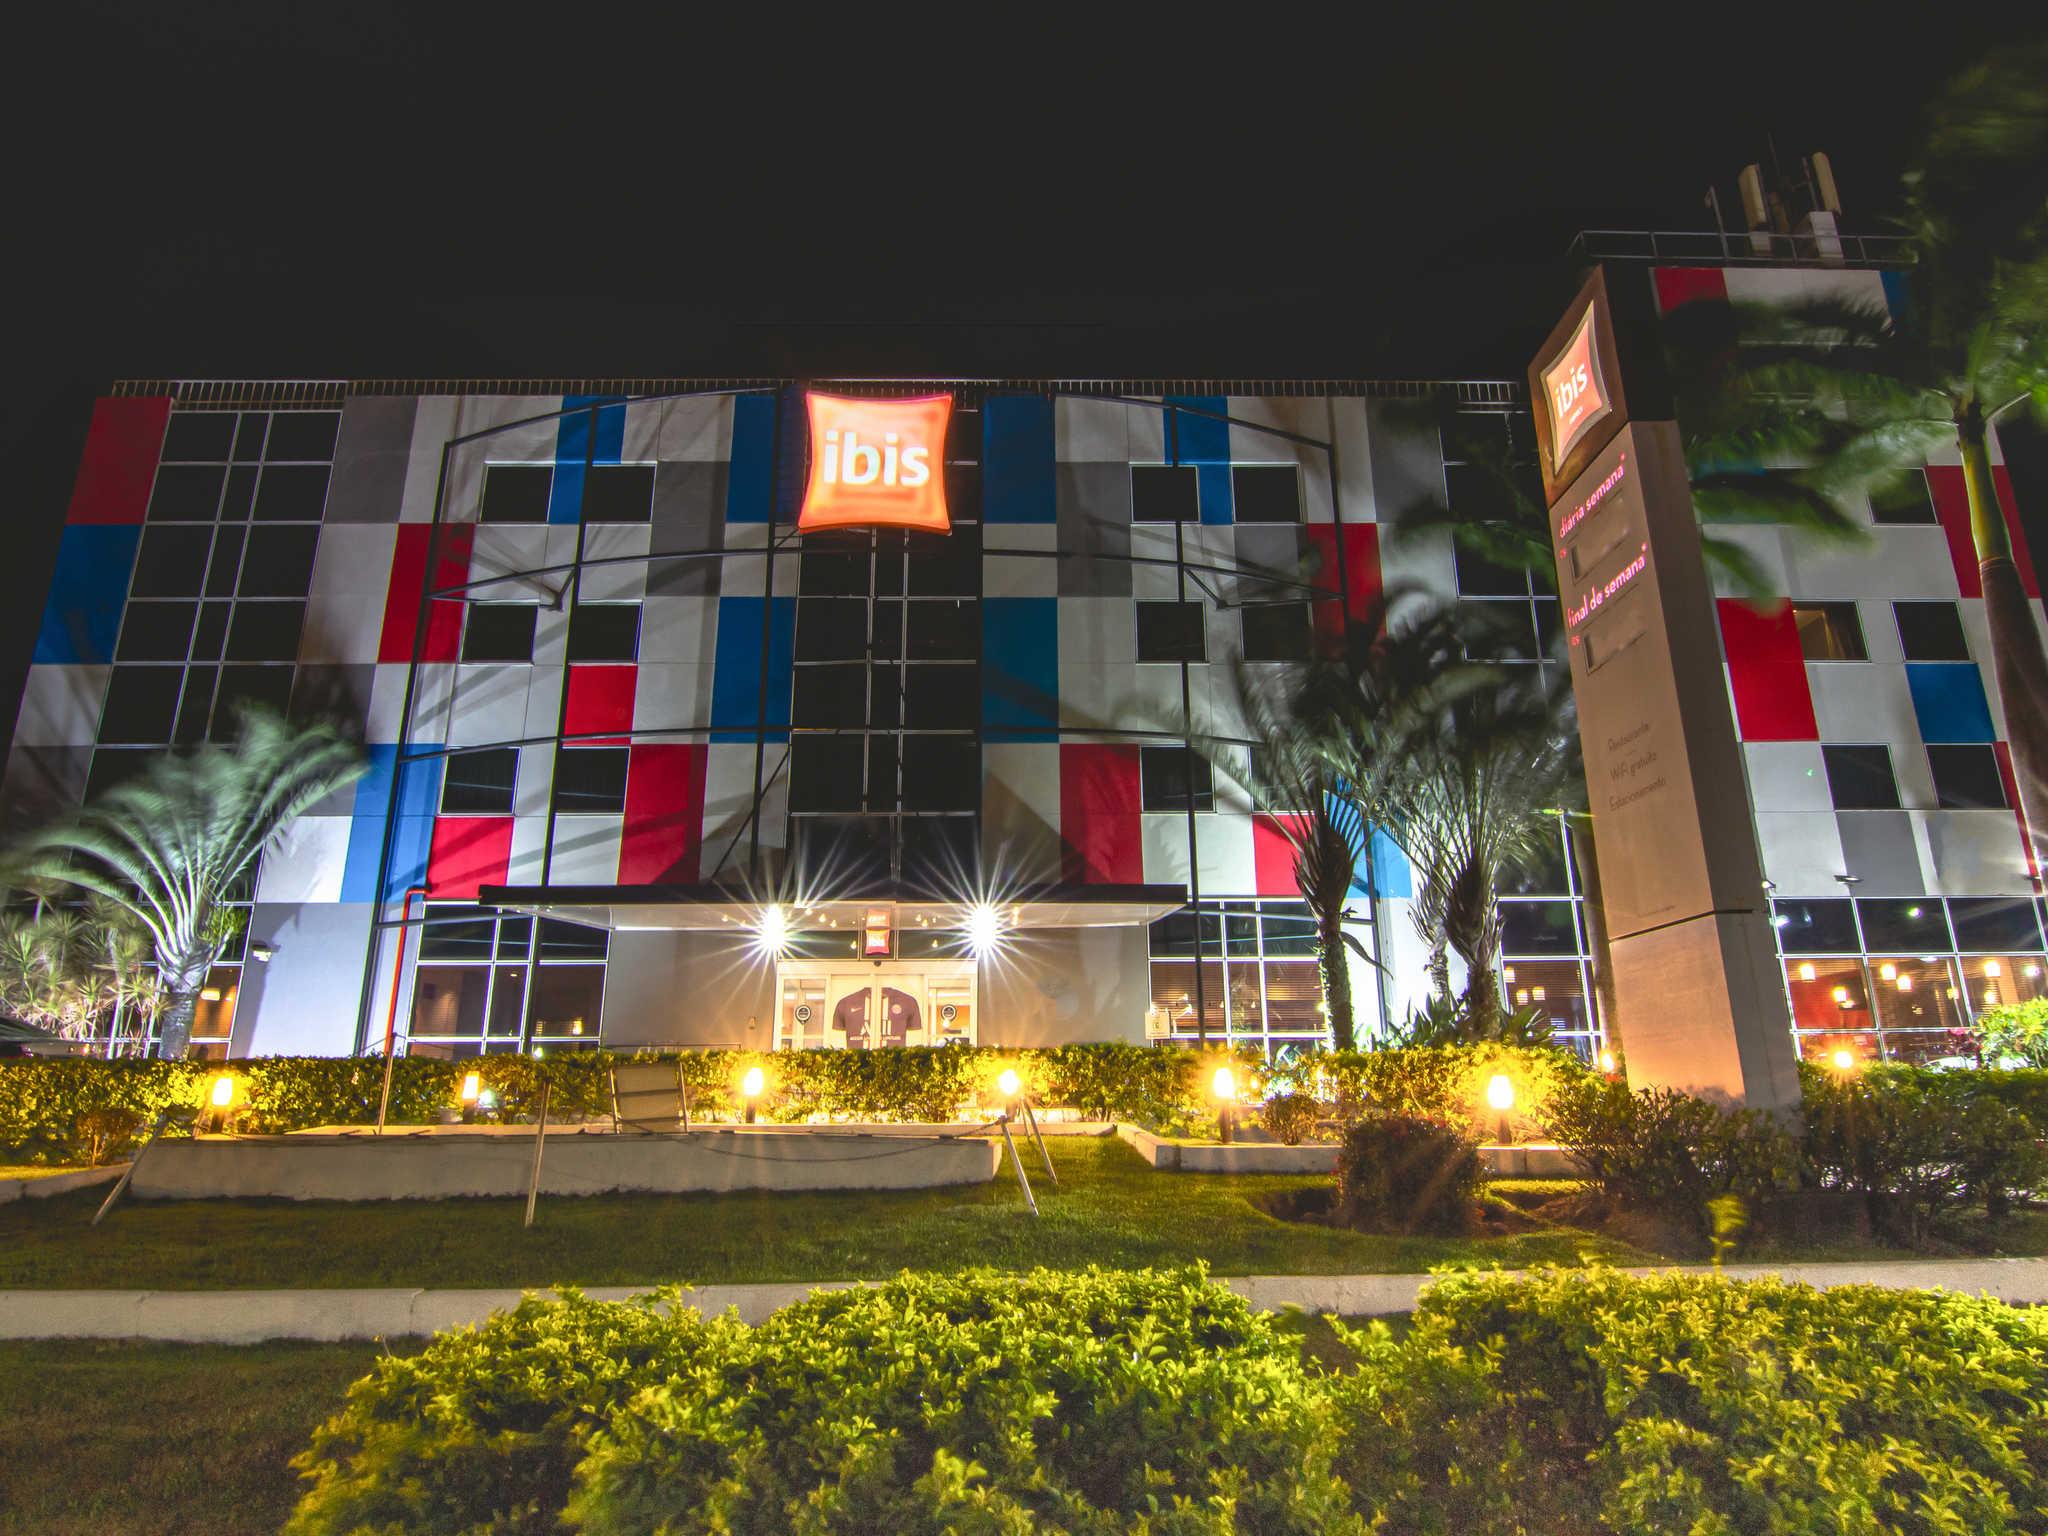 Aeroporto Vix : Hotel barato e próximo do aeroporto de vitória ibis